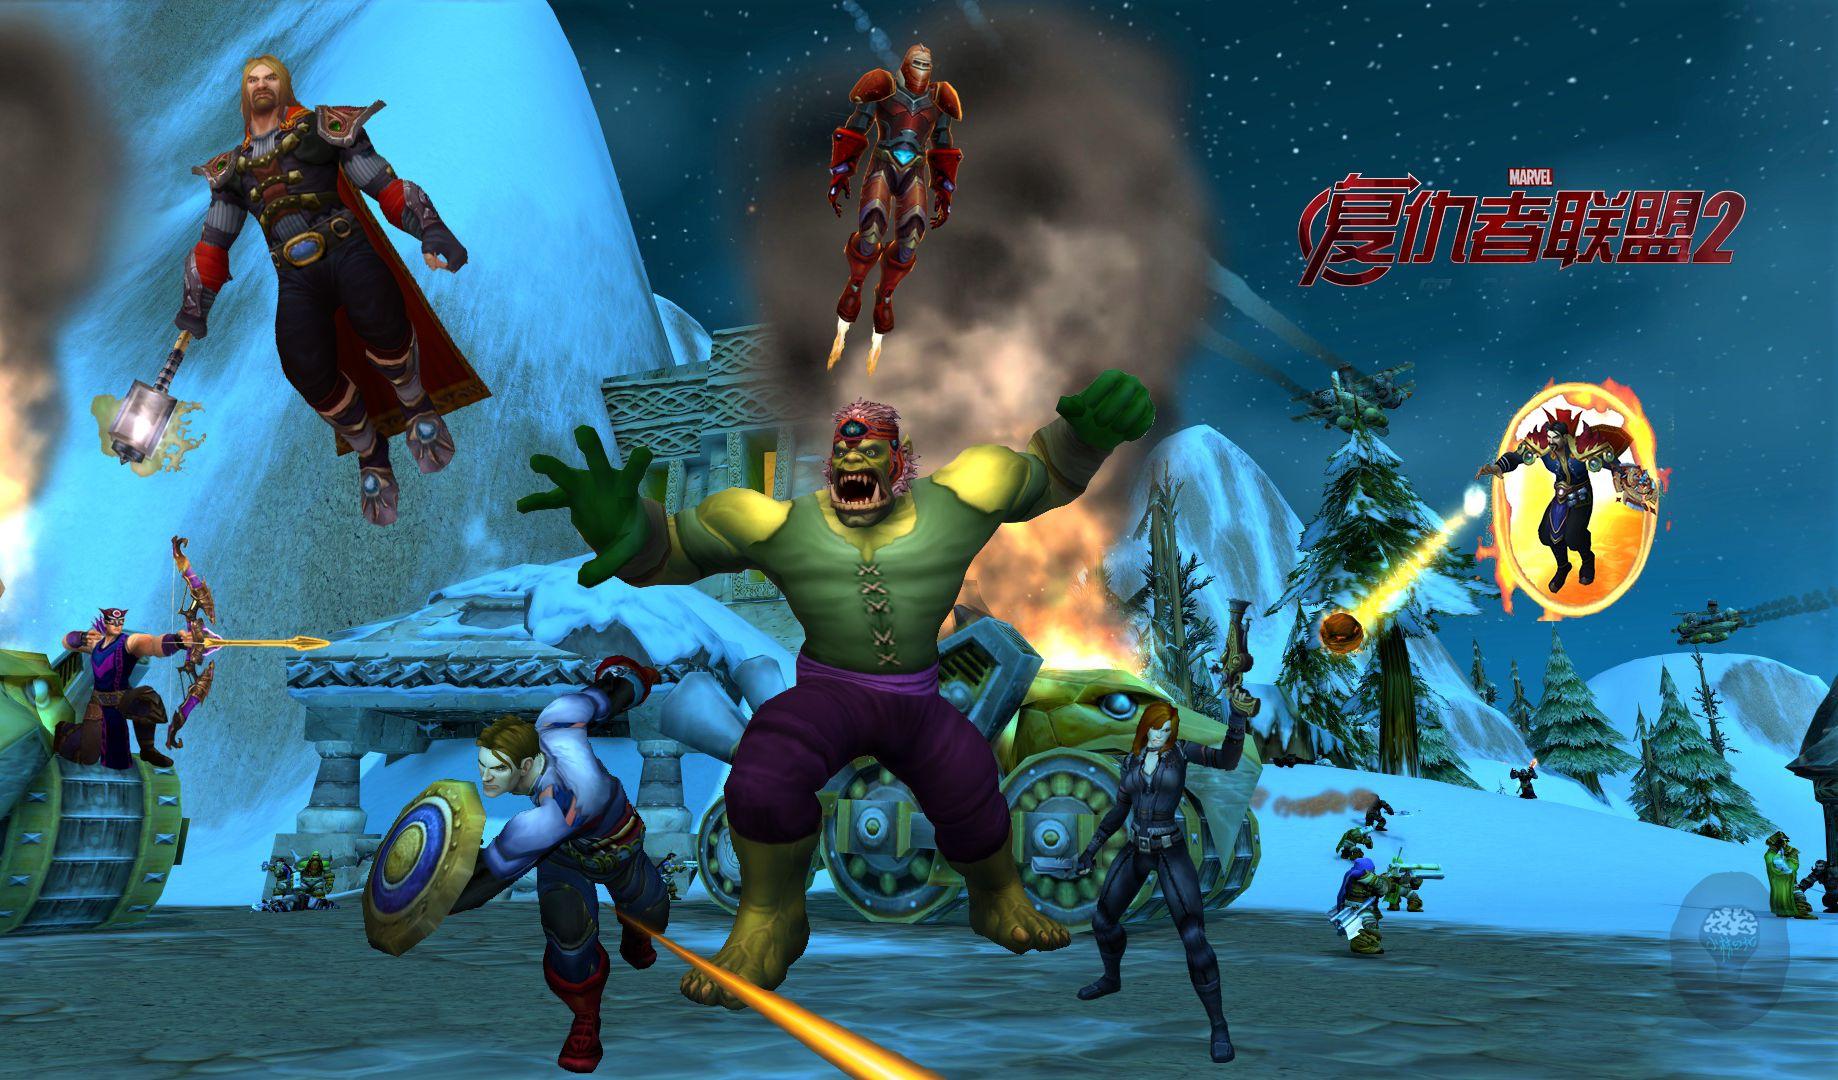 Als Avenger in WoW? Schaut euch diese verrückten Transmogs an!